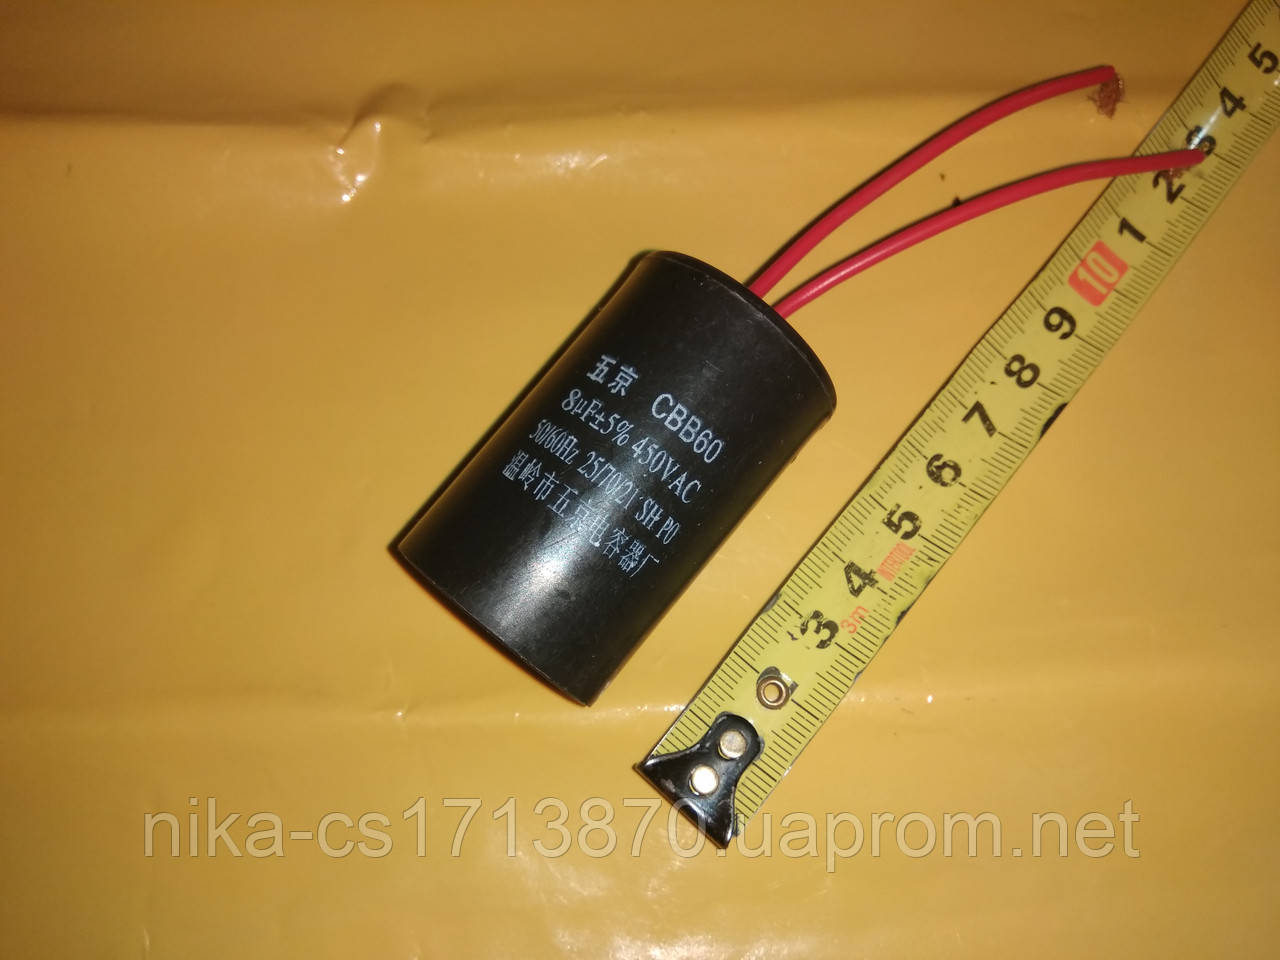 Конденсатор рабочий CBB60 / 8 мкФ±5% / 450 В. / 50/60 Hz . Размер 55Х35 мм.